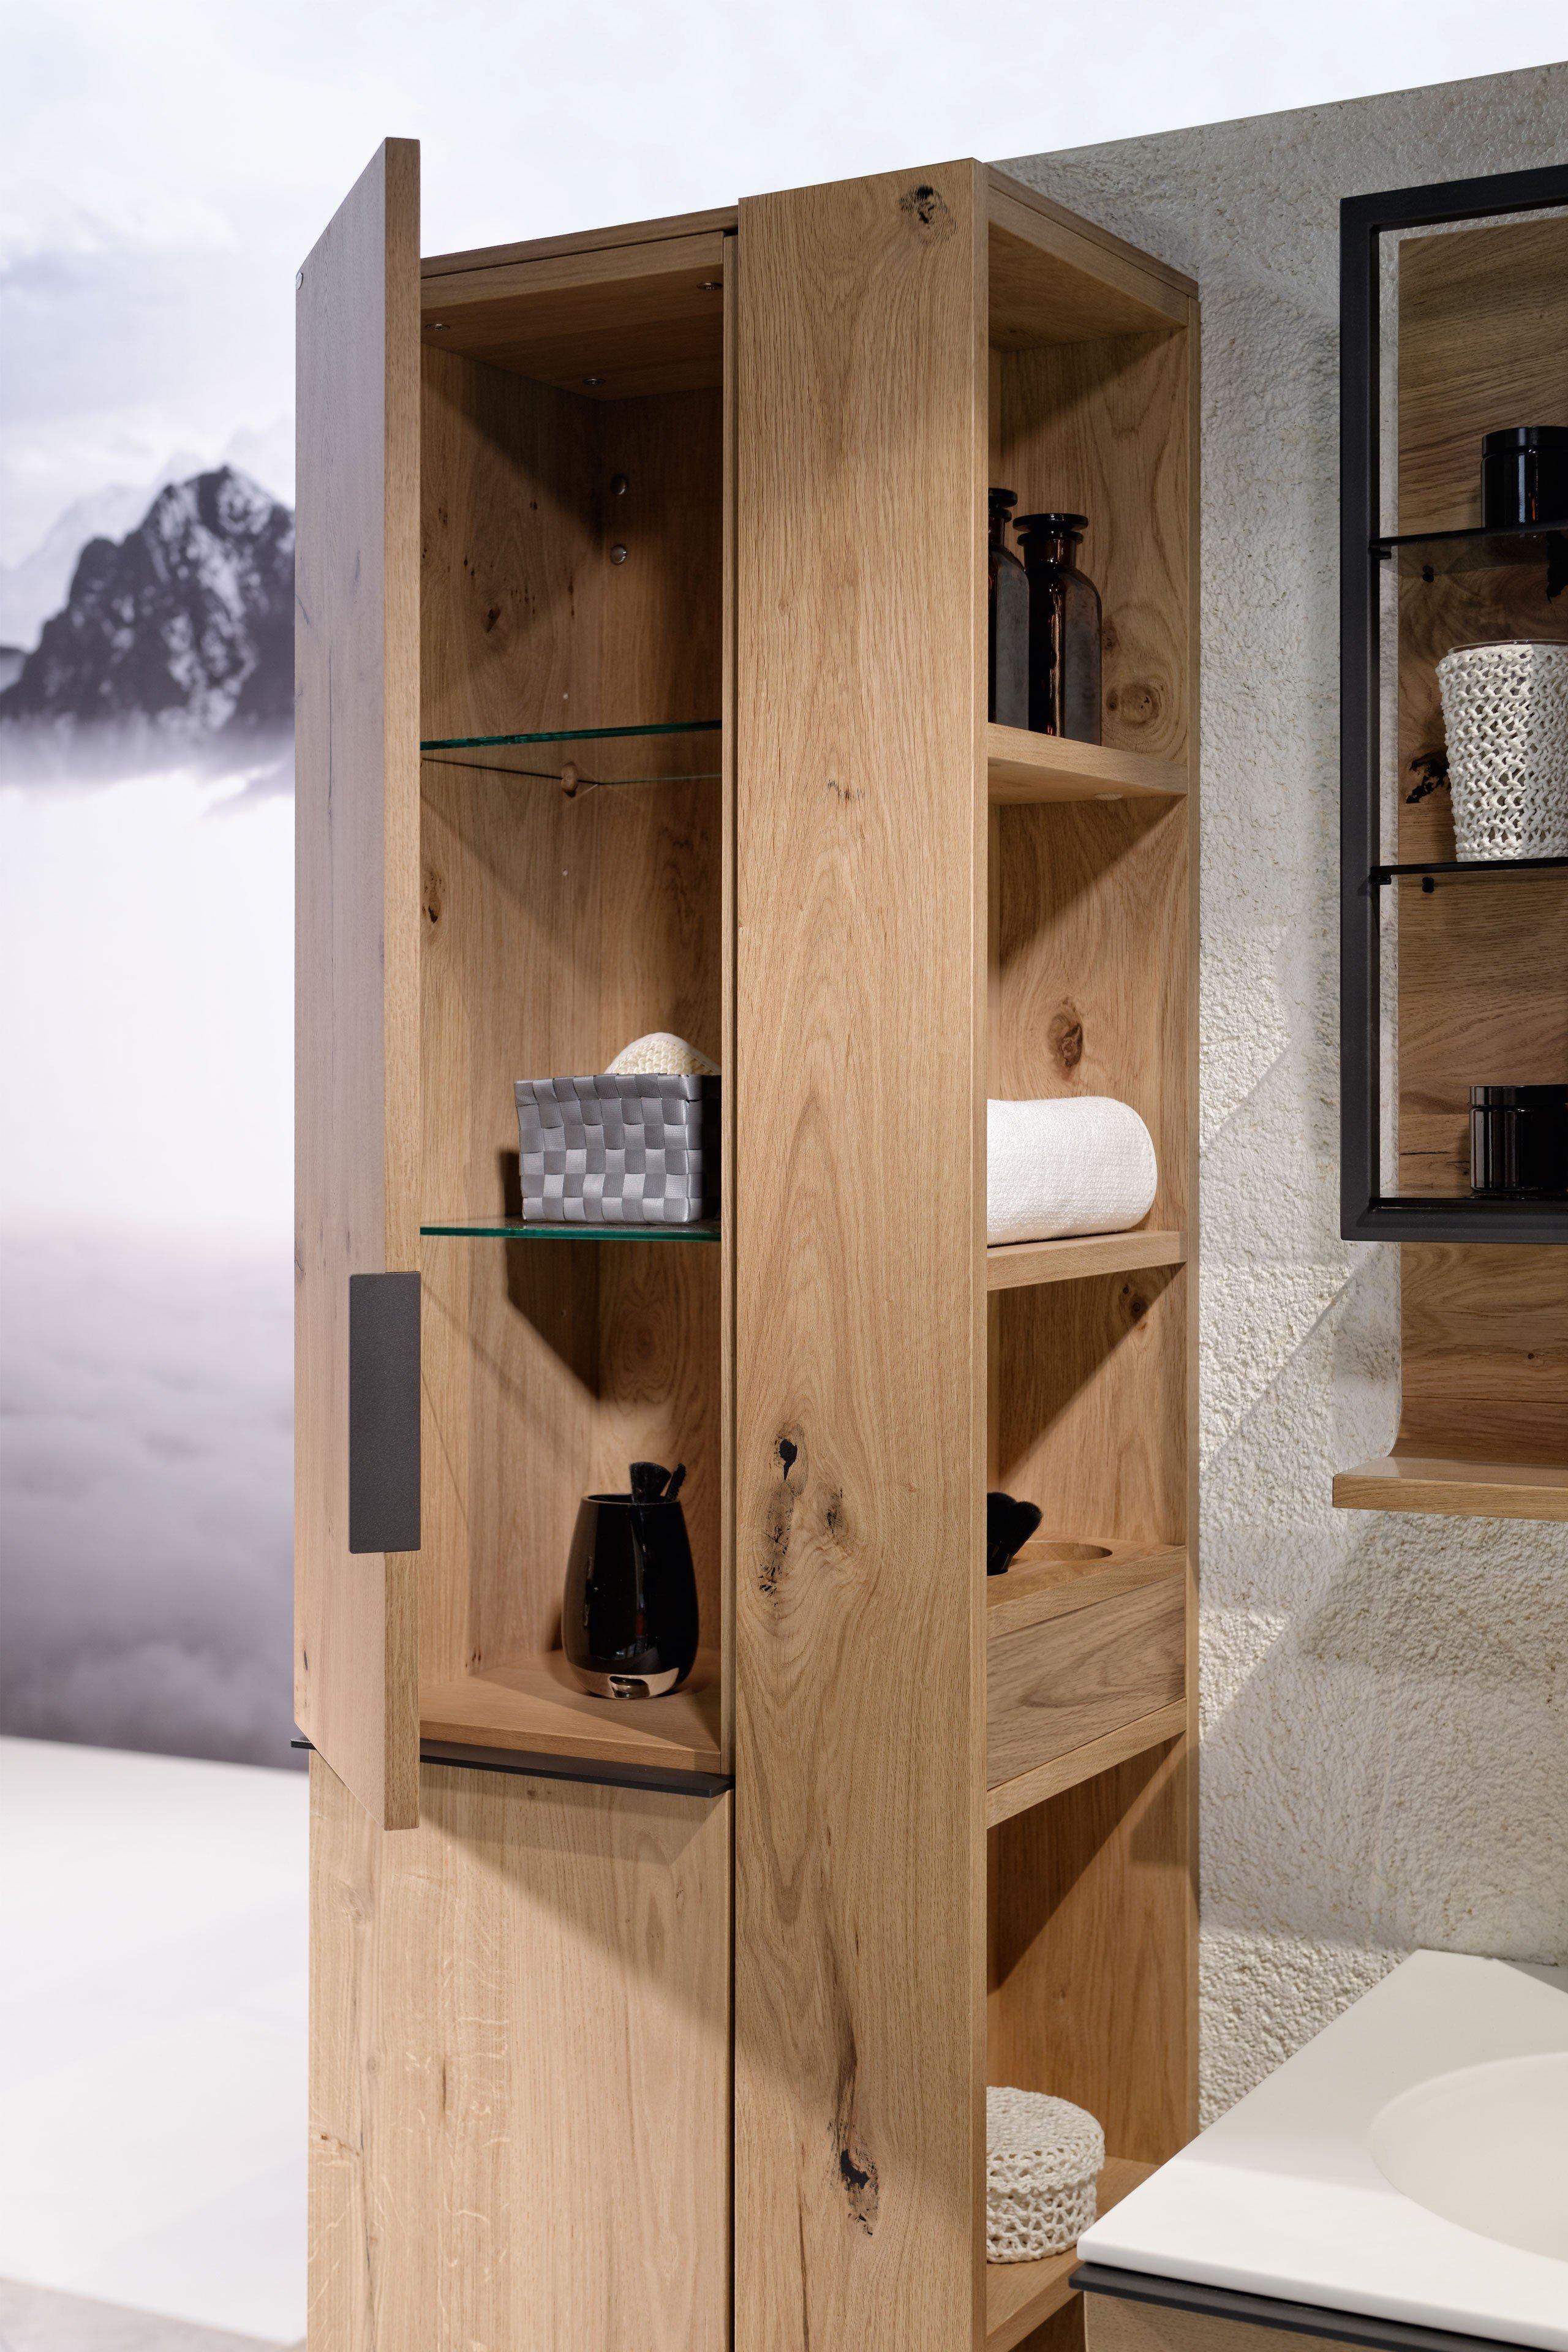 badezimmer v quell von voglauer in aleiche rustiko m bel. Black Bedroom Furniture Sets. Home Design Ideas